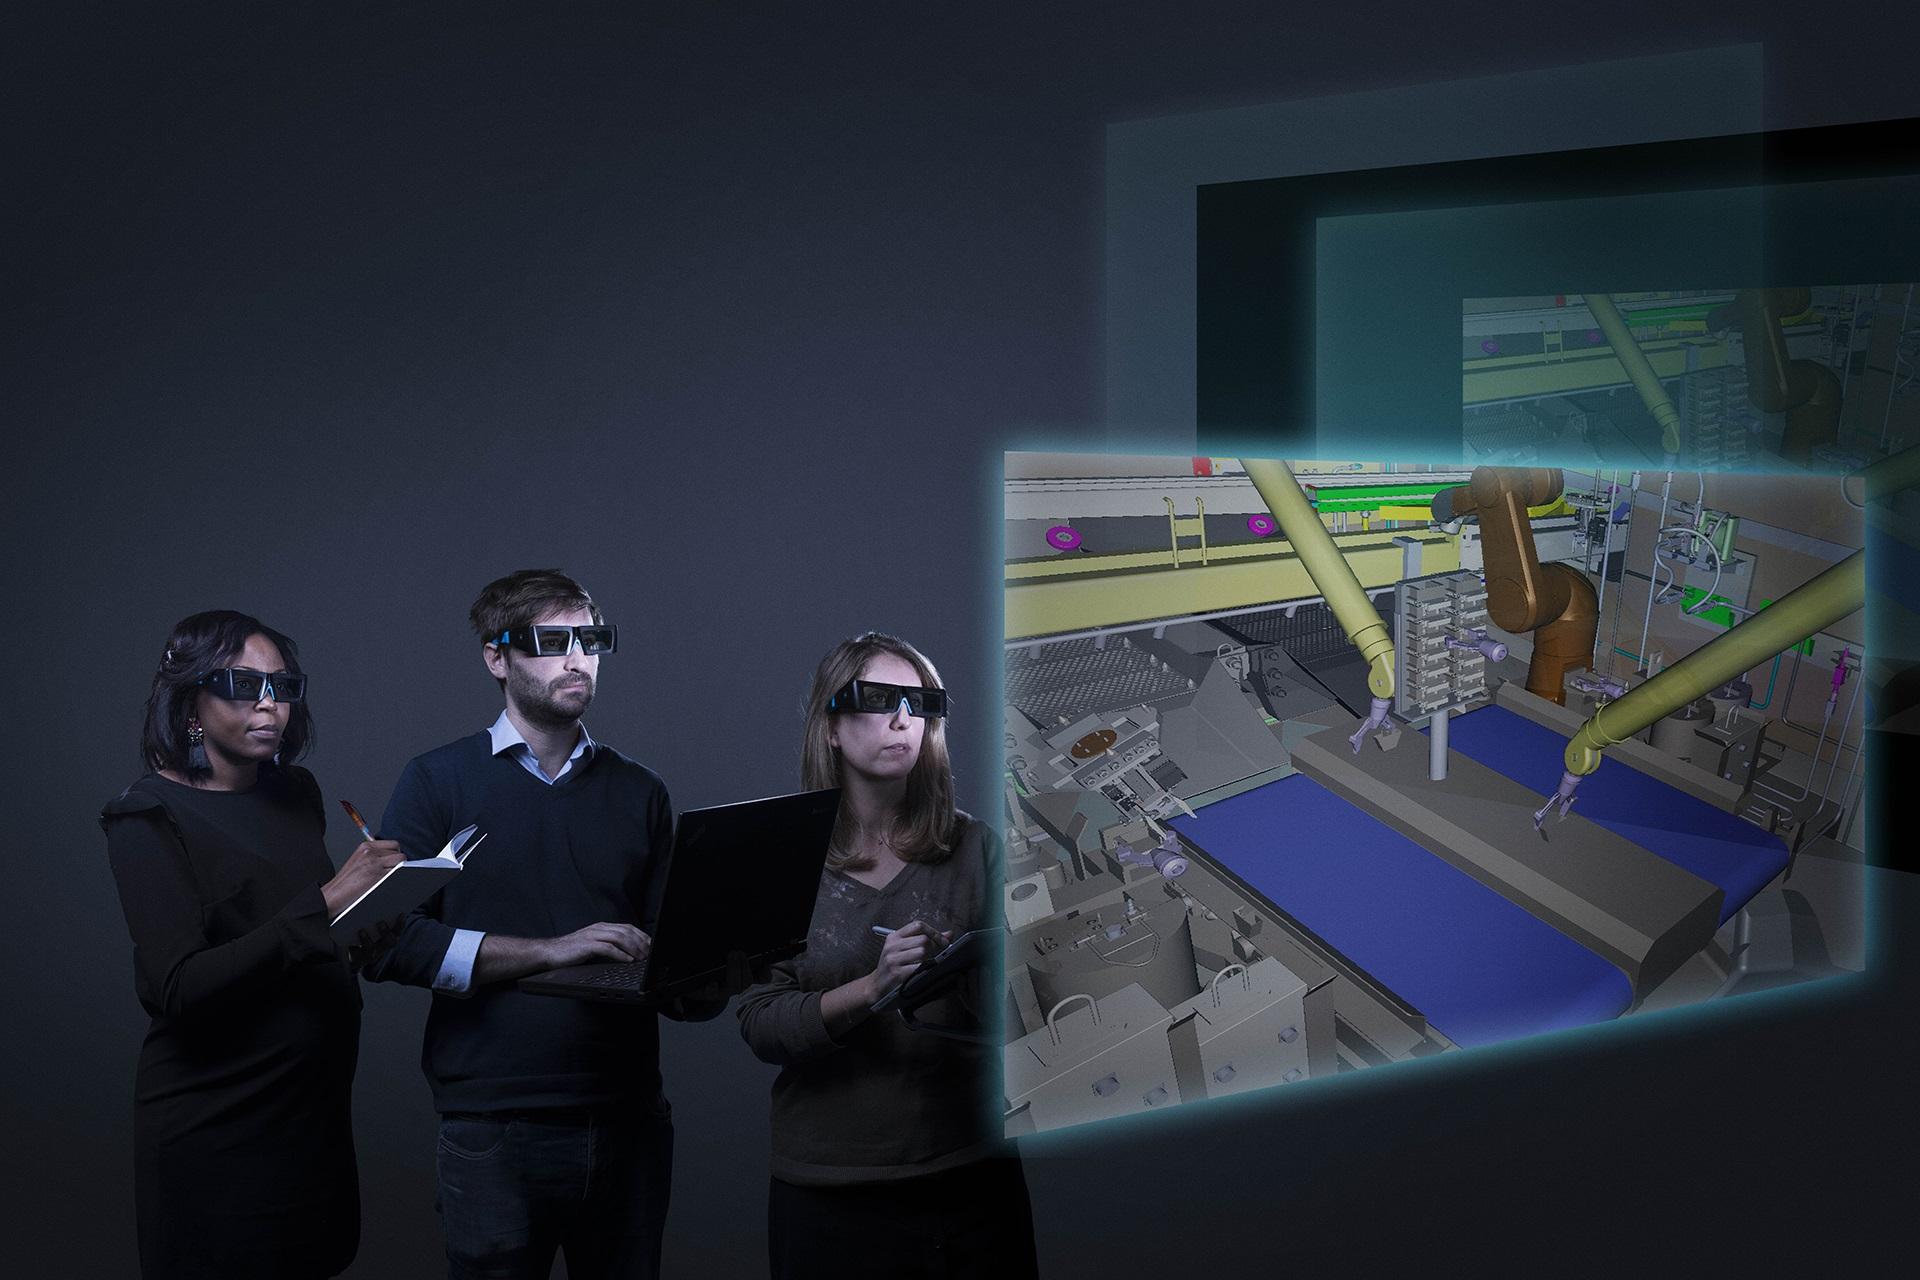 Collaborateurs utilisant la réalité augmentée afin de manipuler, observer et analyser des projets d'ingénierie